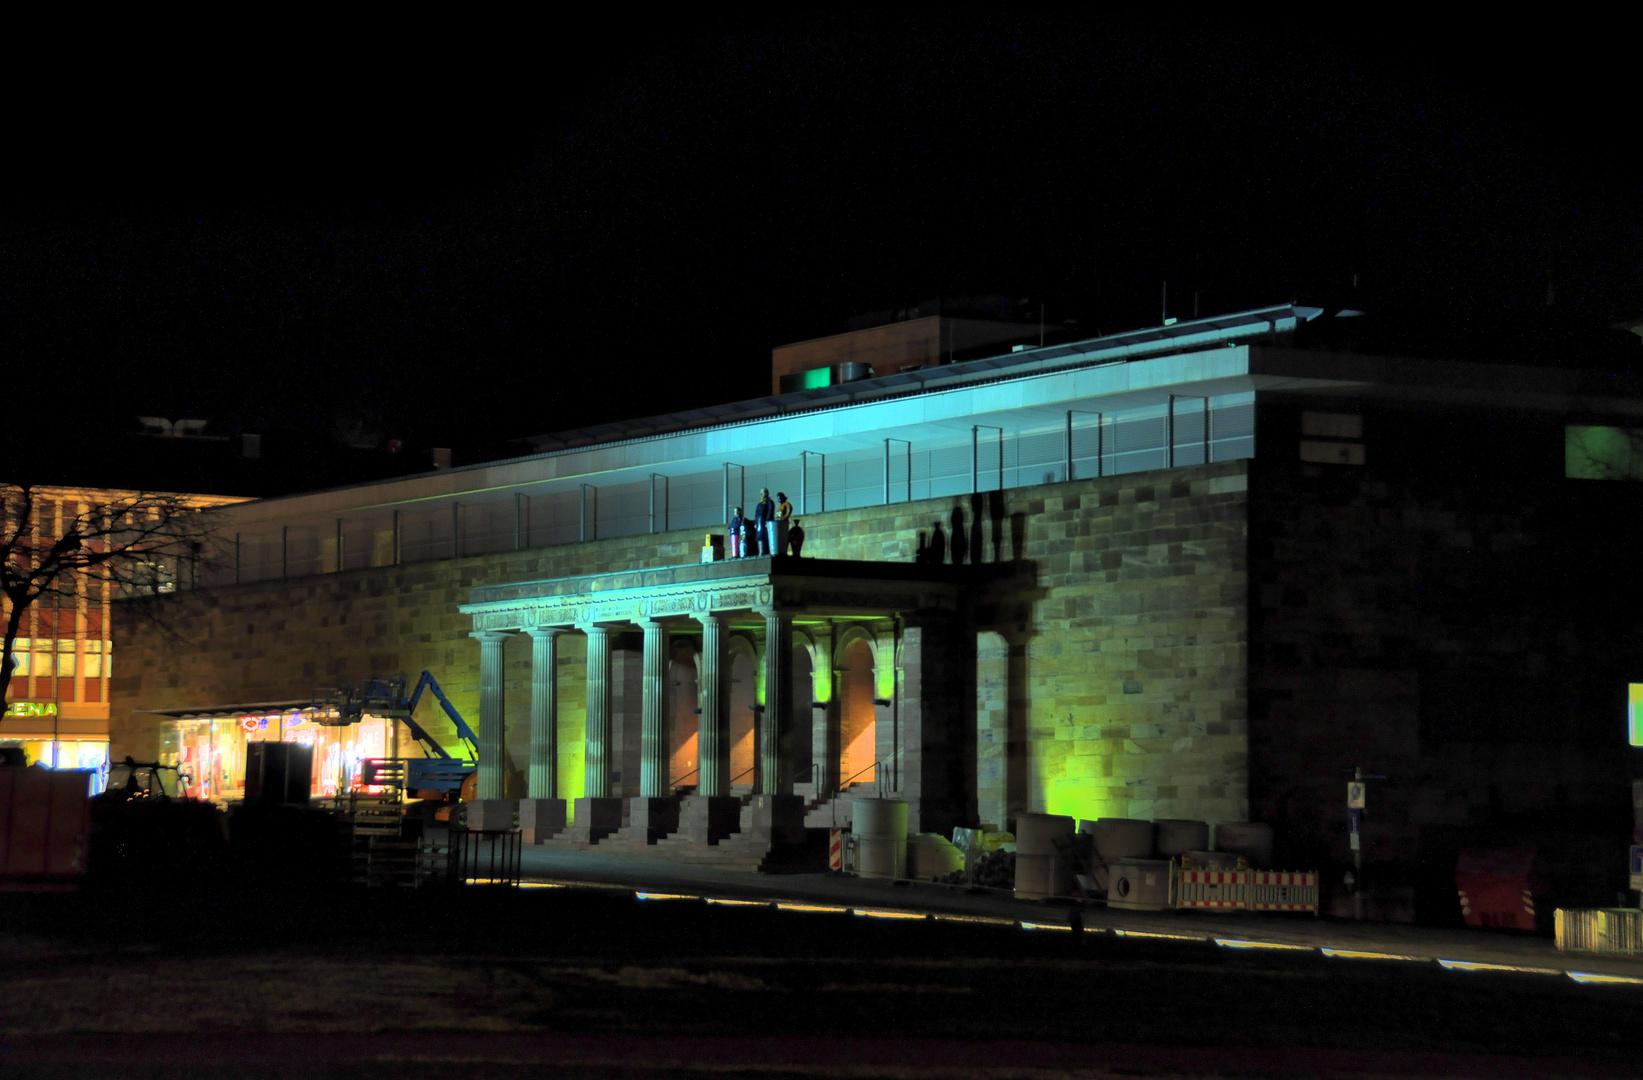 Bilder einer Stadt - Kassel bei Nacht - Seitengebäude eines Modehauses